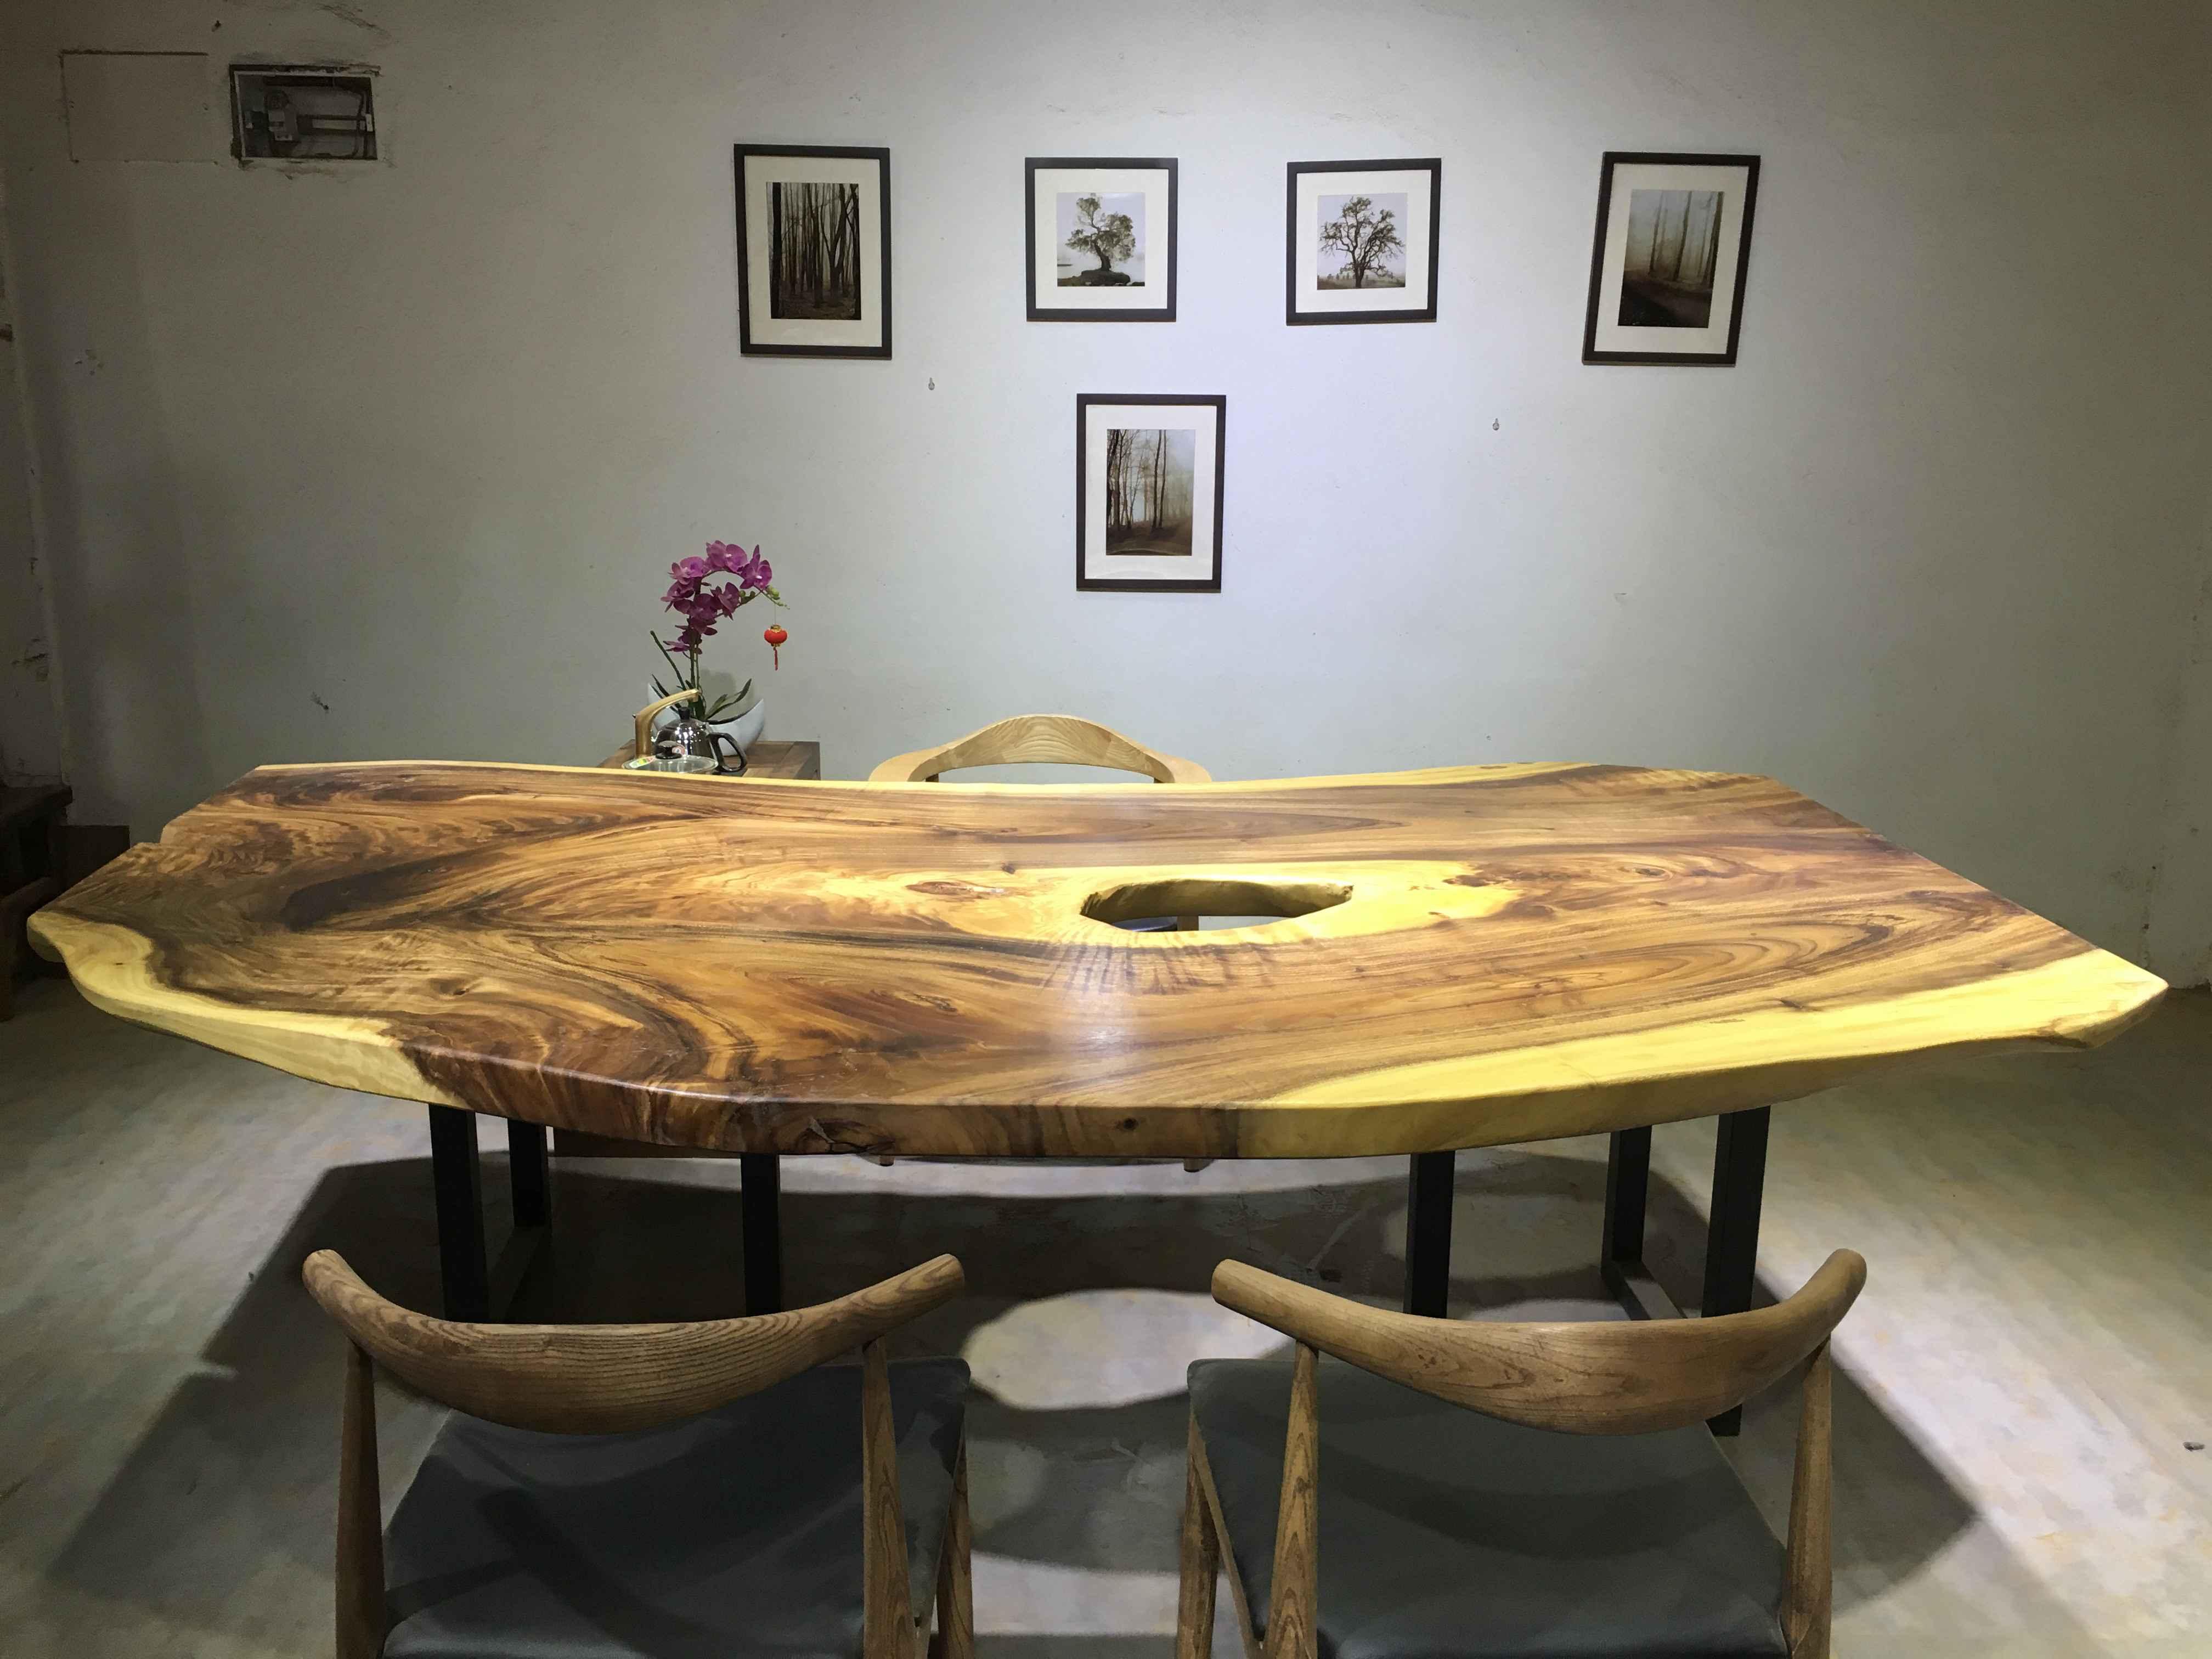 天然造型南美胡桃木大板桌现代简约欧式办公桌书桌